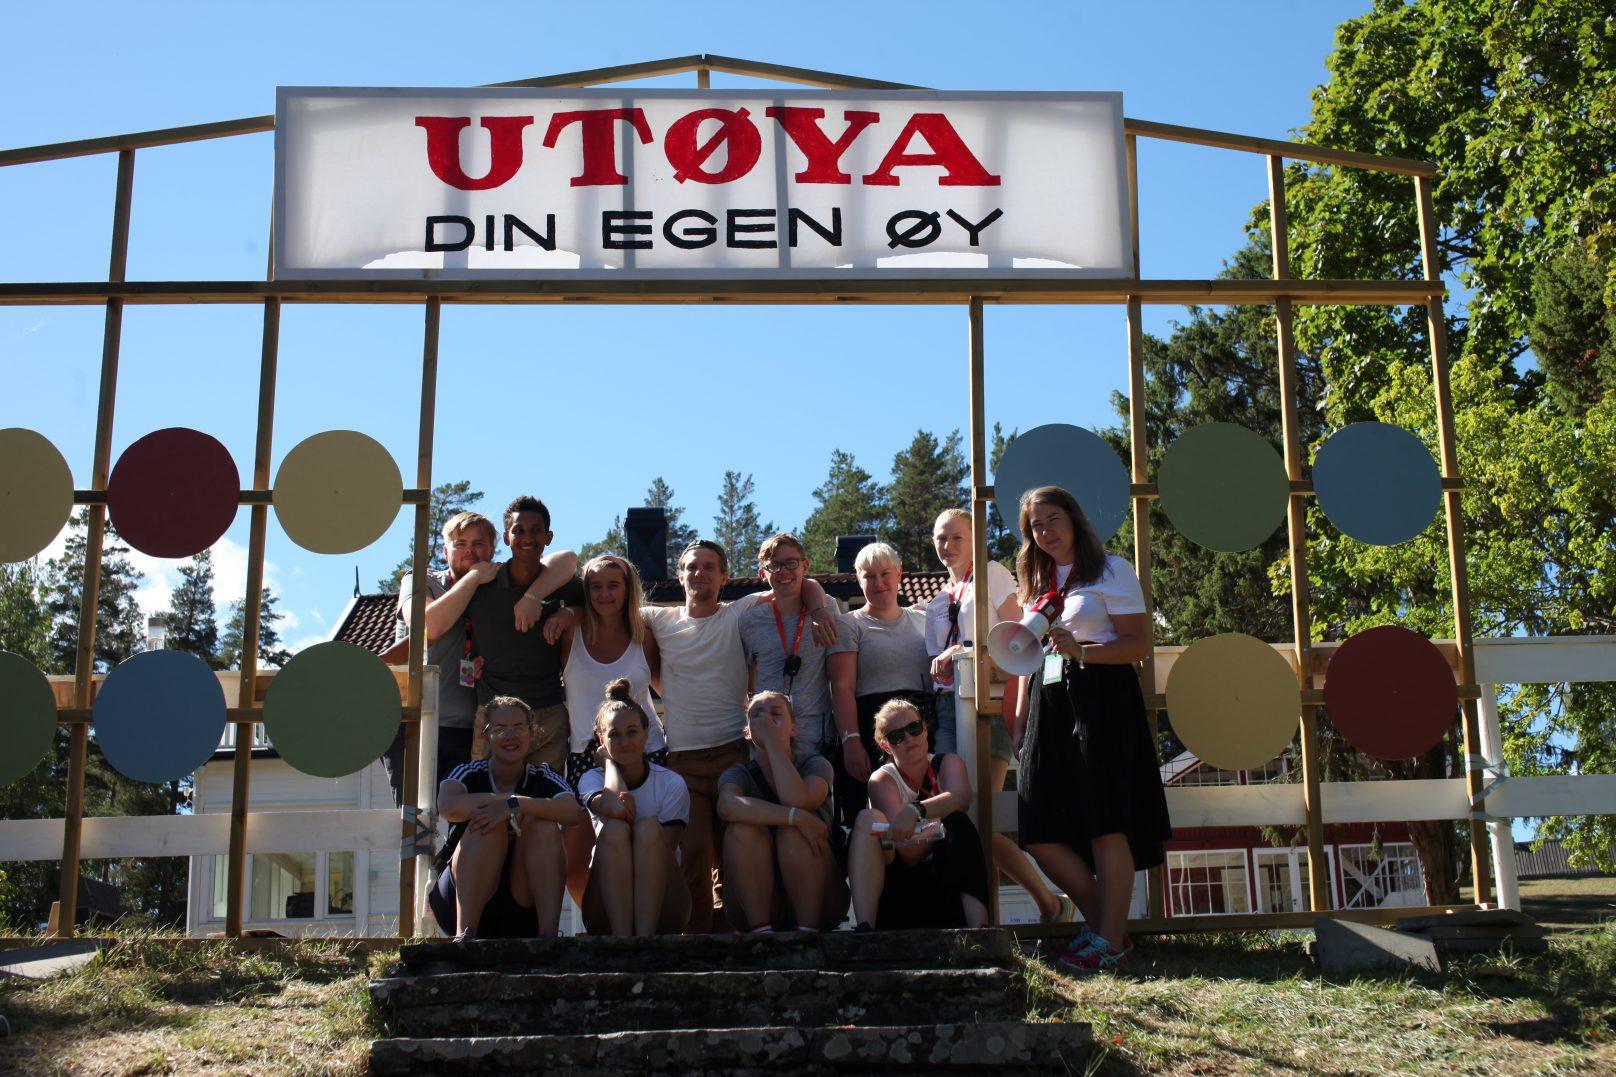 Pokolenie Utoya